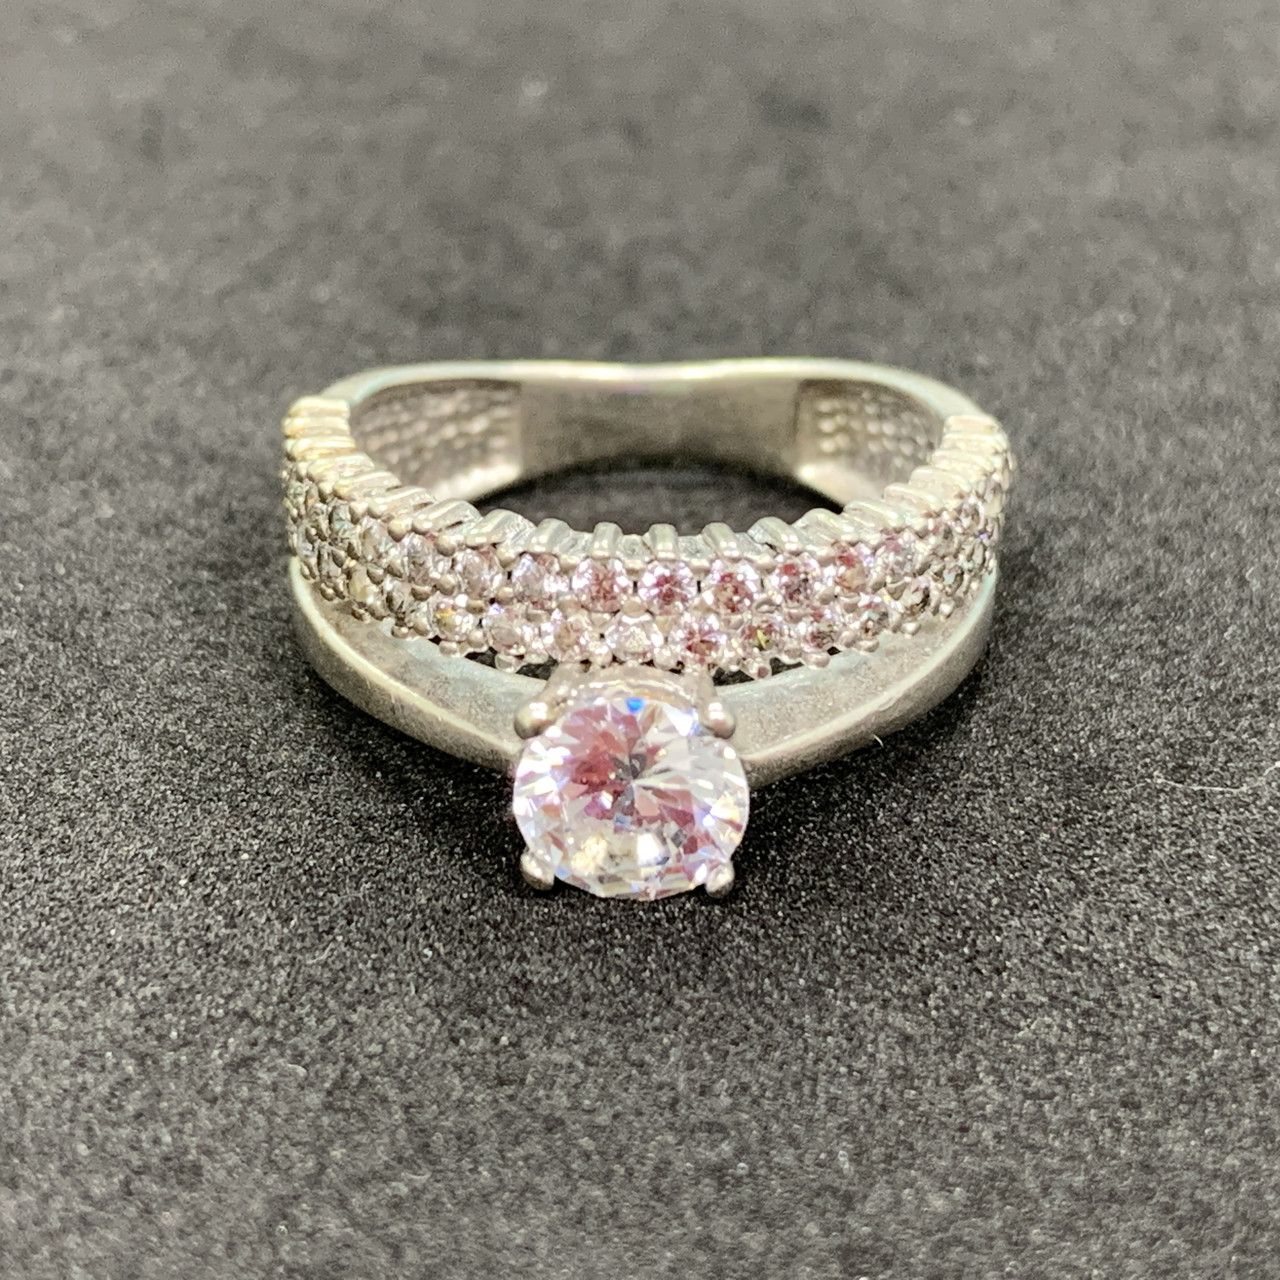 Серебряное кольцо 925 пробы с фианитами, размер 16,5. Вес - 4.01 г. Б/у. Продажа из ломбарда